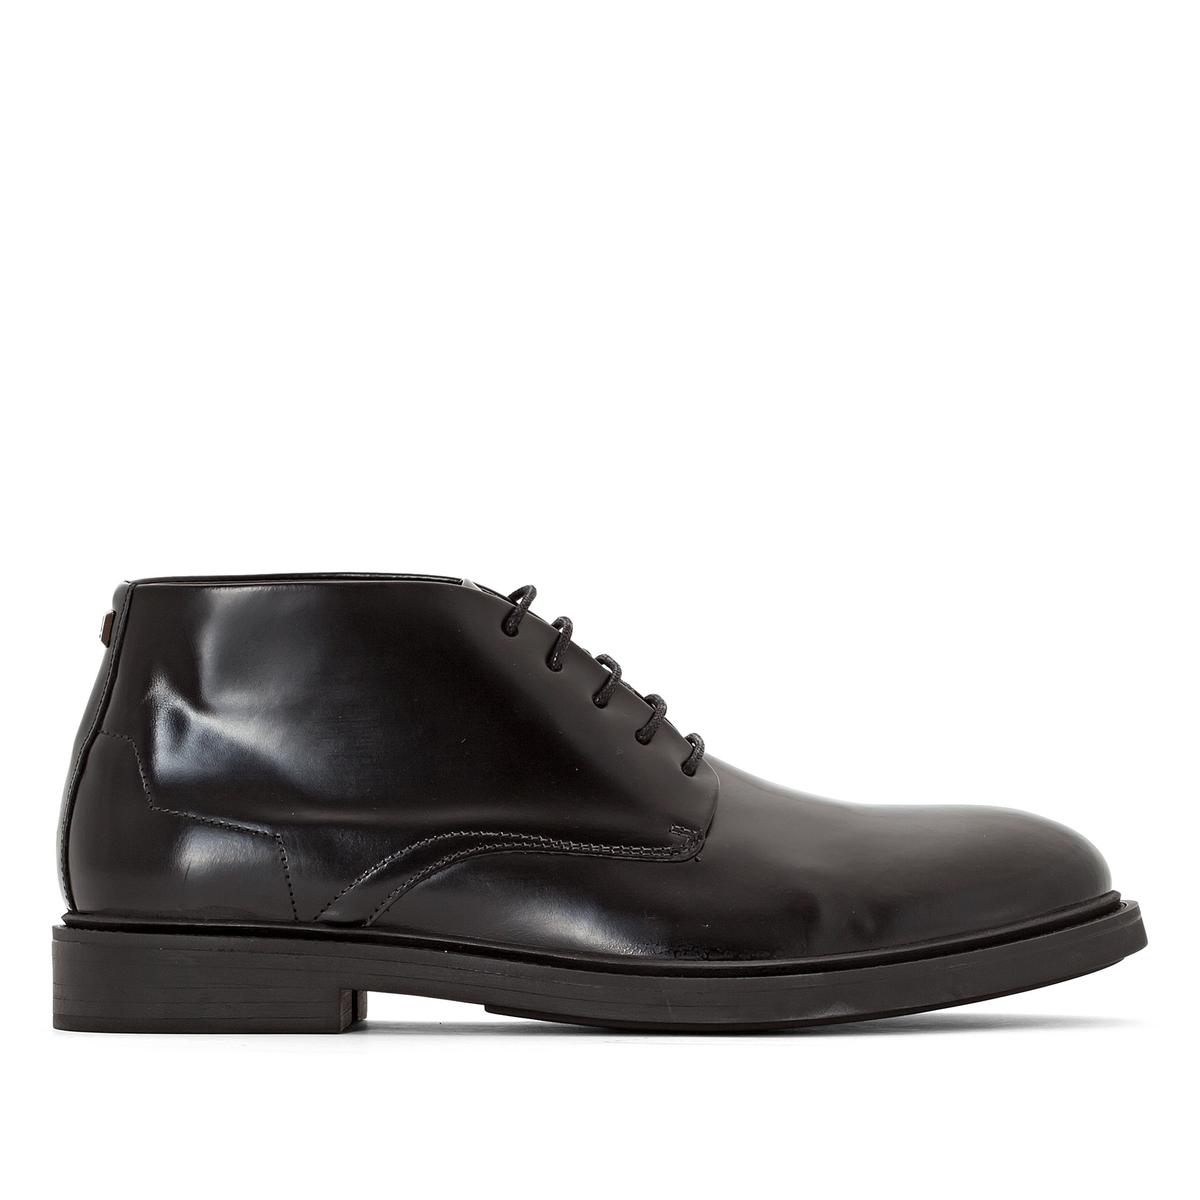 Ботильоны ALIOUПодкладка : Кожа и текстиль Стелька : текстиль.   Подошва : из эластомера.   Форма каблука : Плоский каблук   Носок : Закругленный.    Застежка : шнуровка.<br><br>Цвет: черный<br>Размер: 41